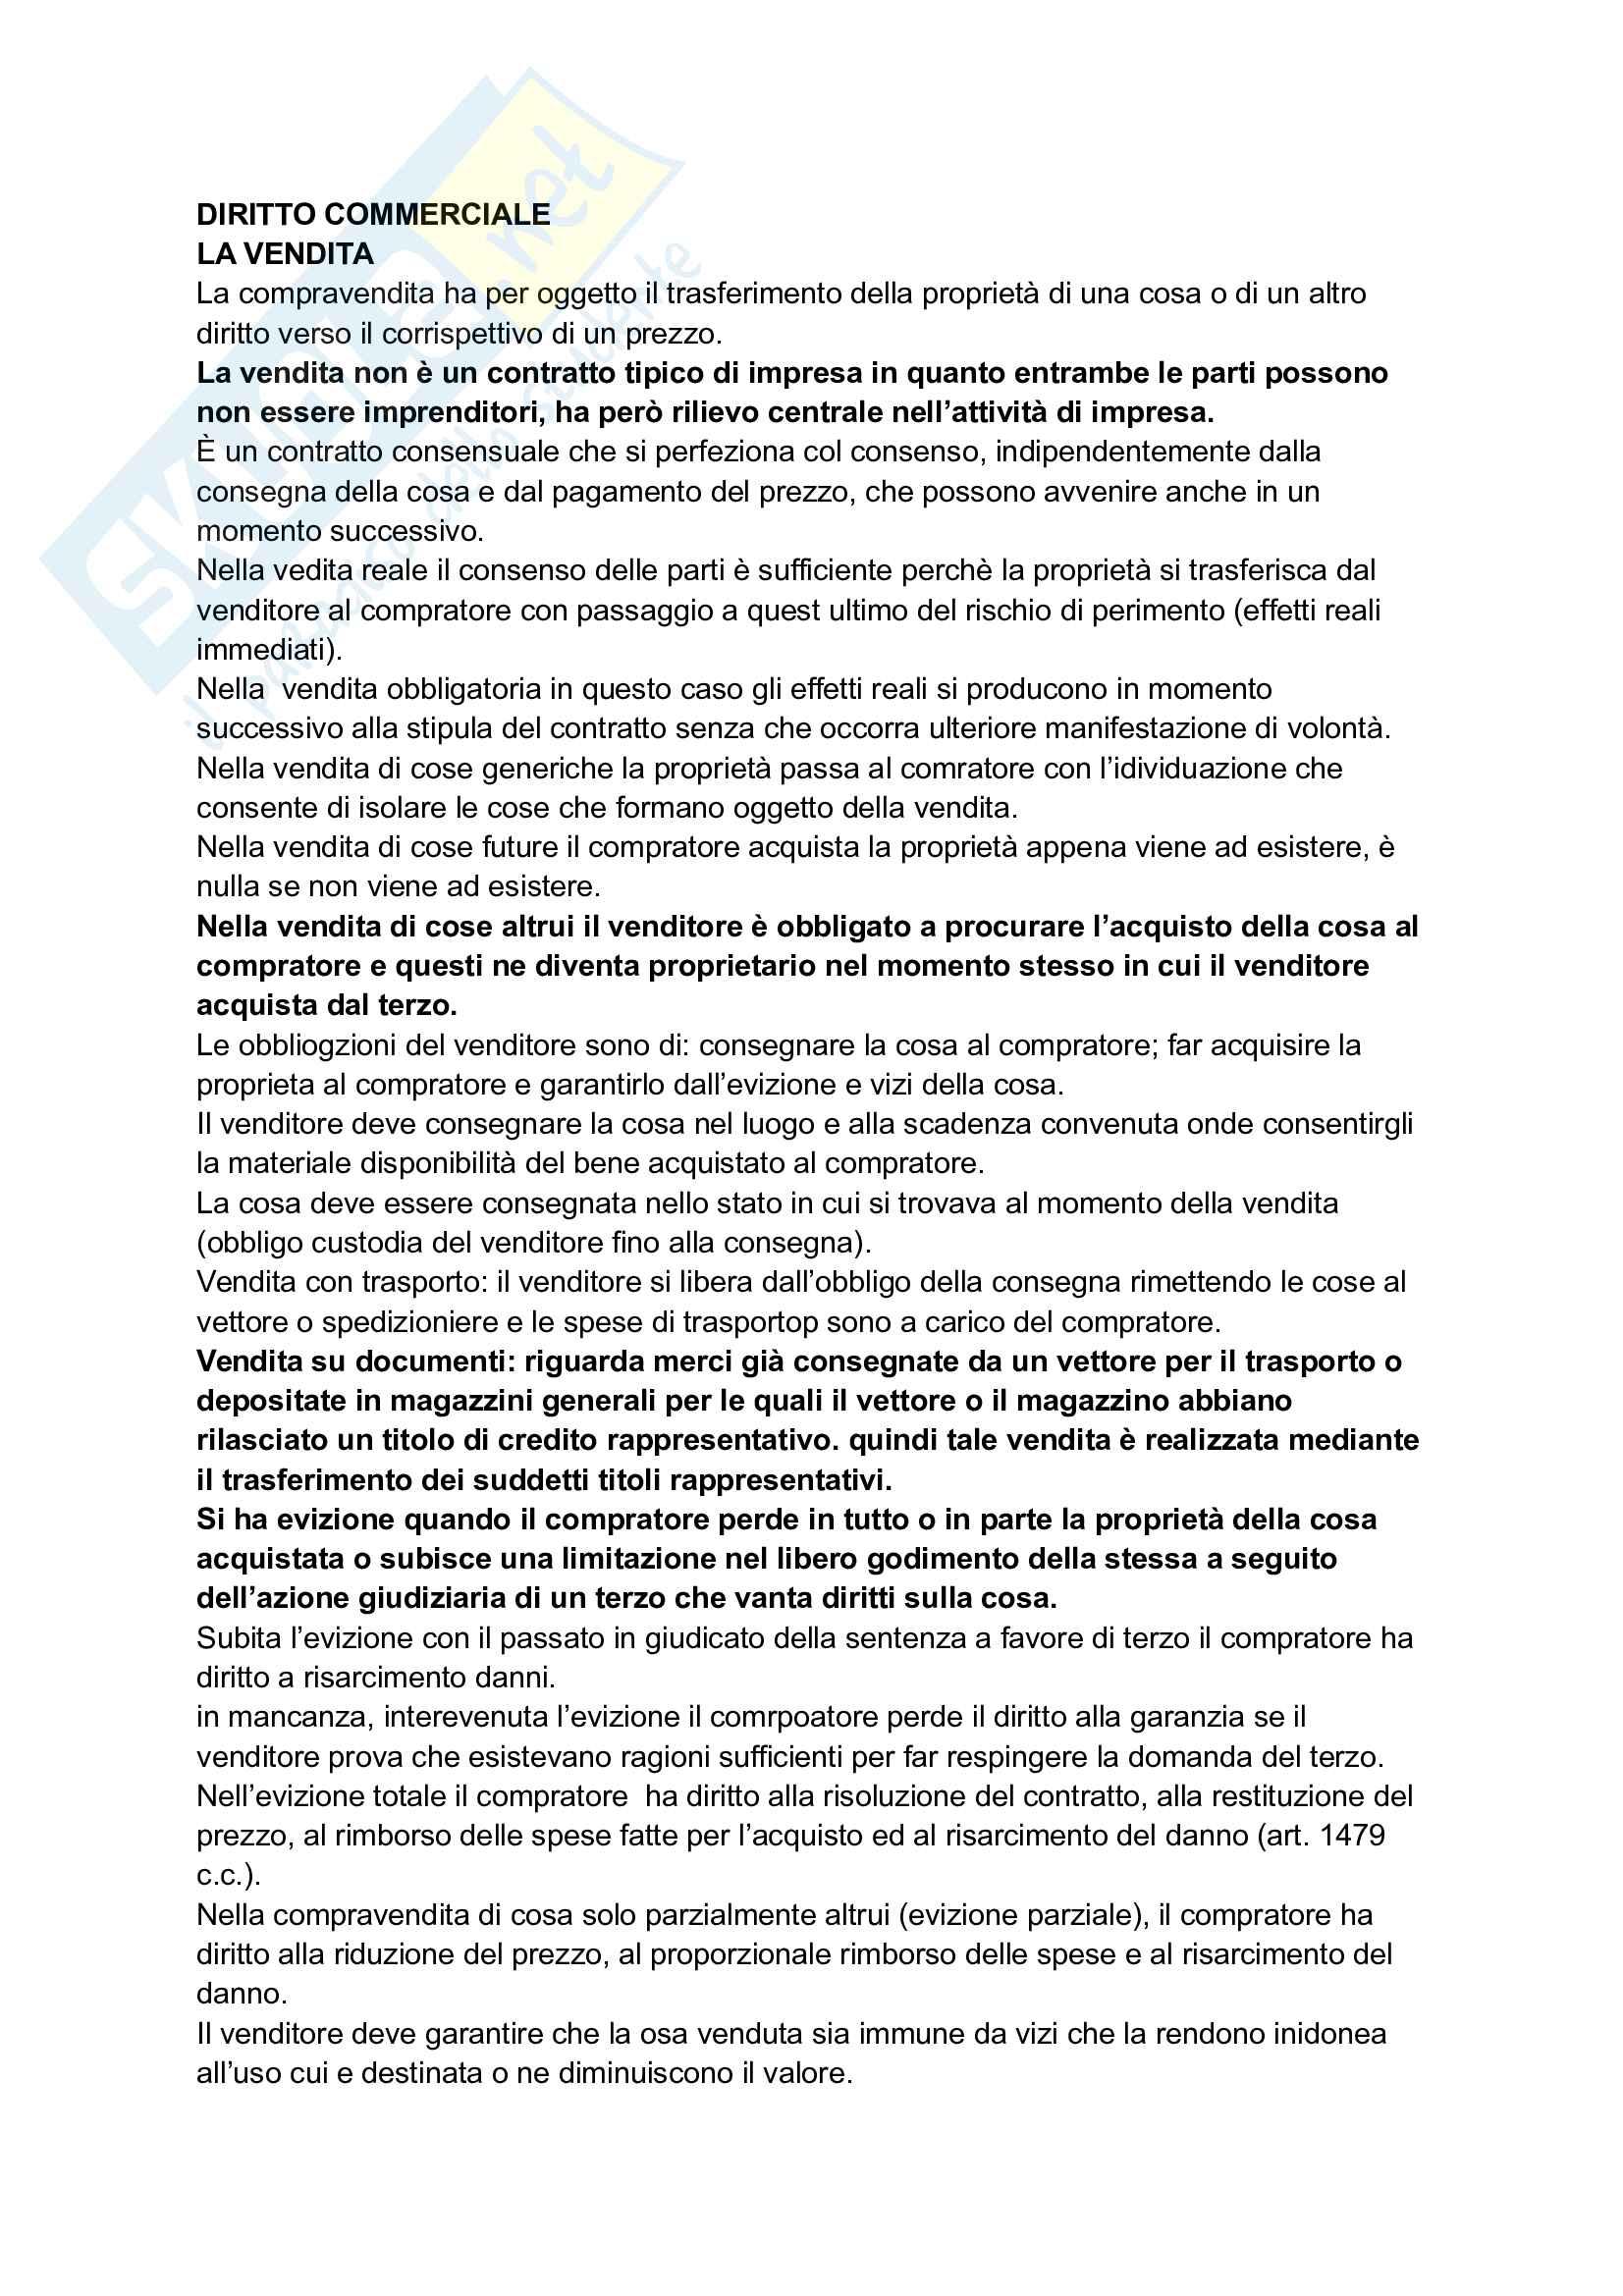 Diritto commerciale - Riassunto e Appunti